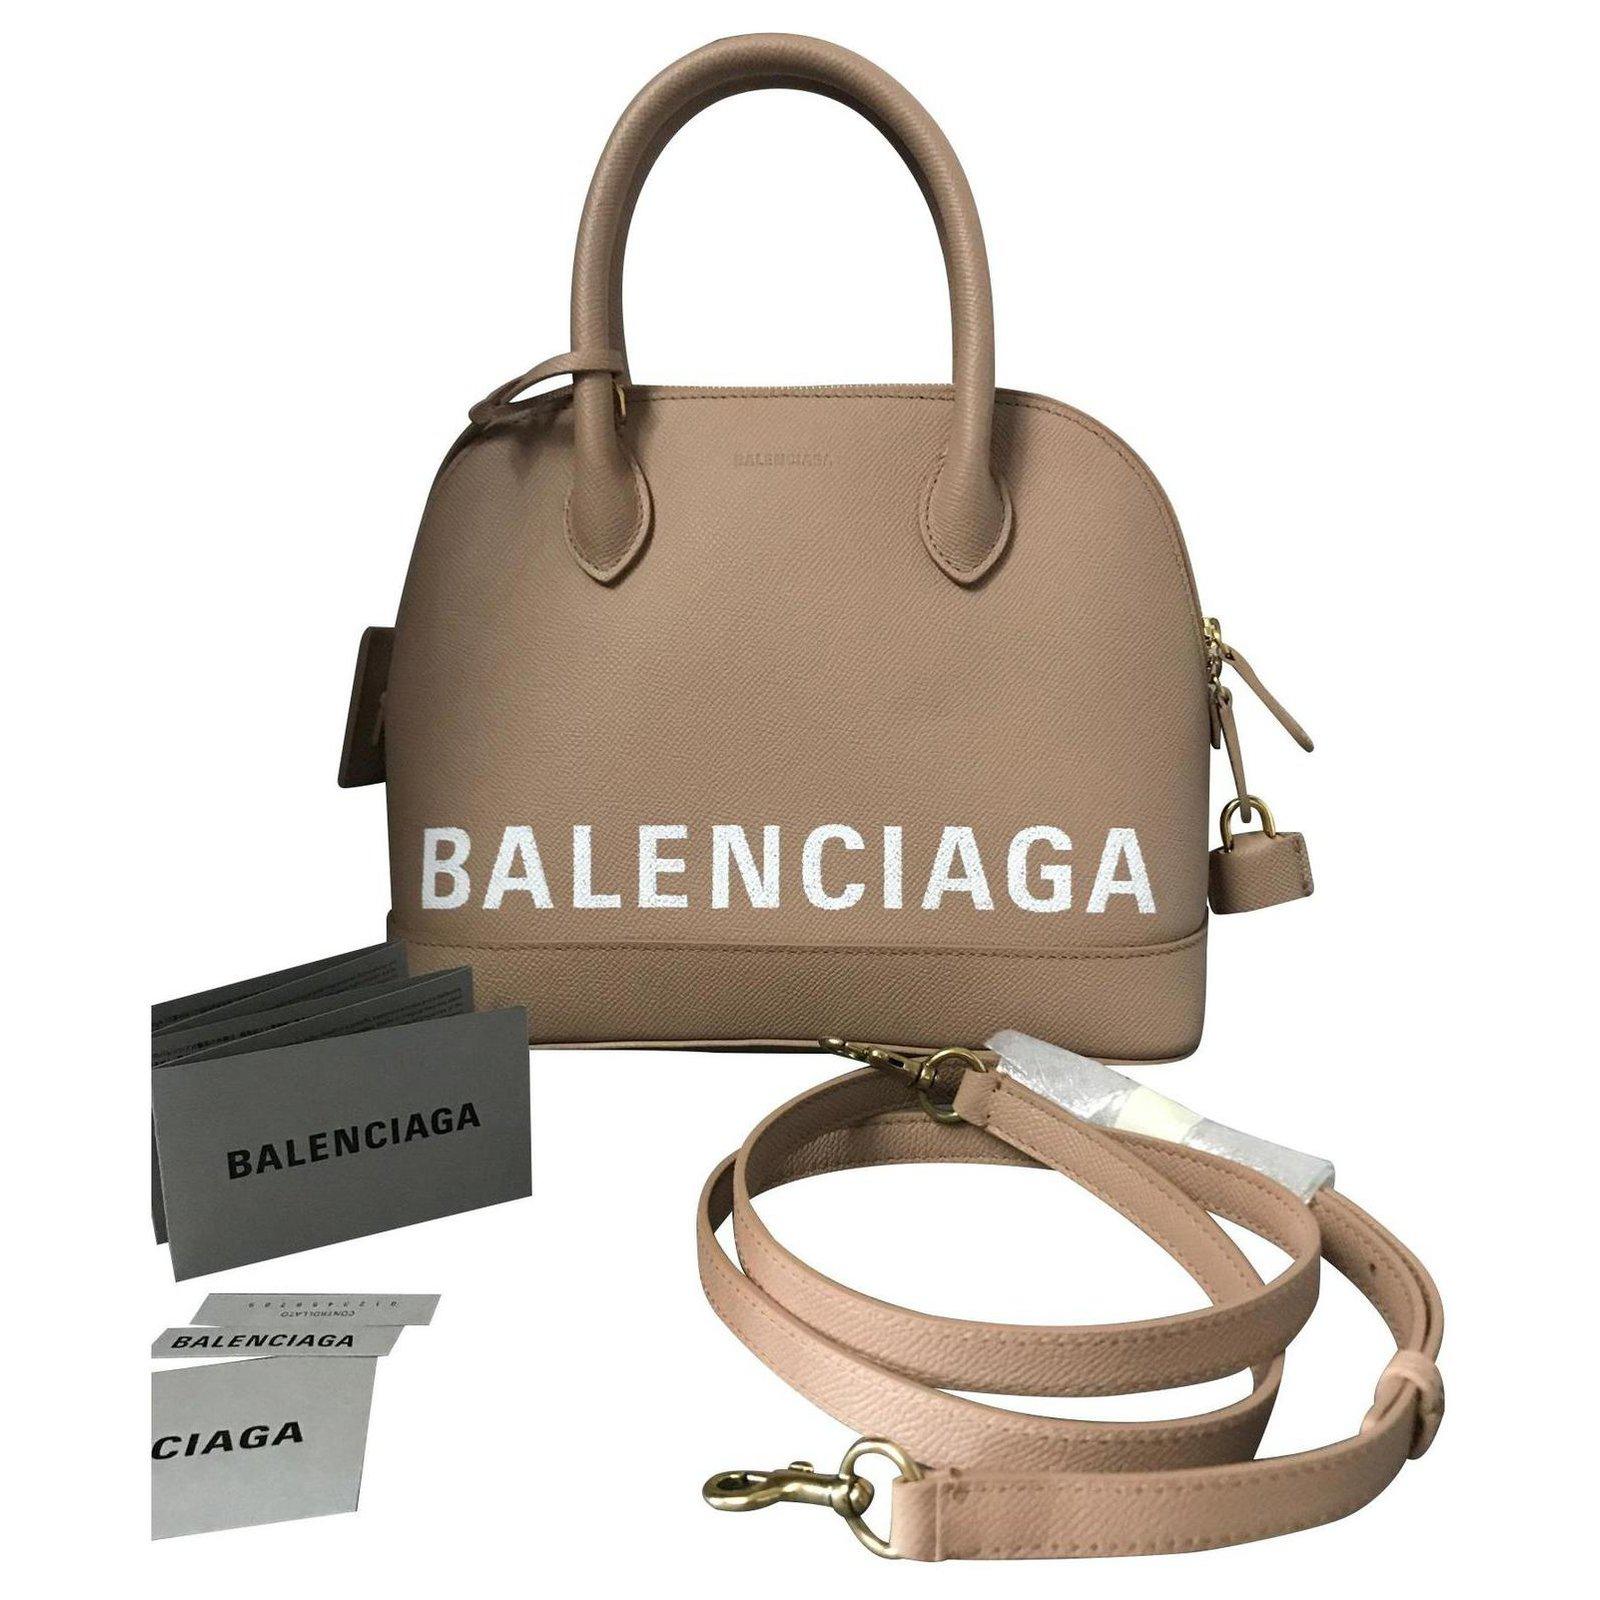 new model balenciaga